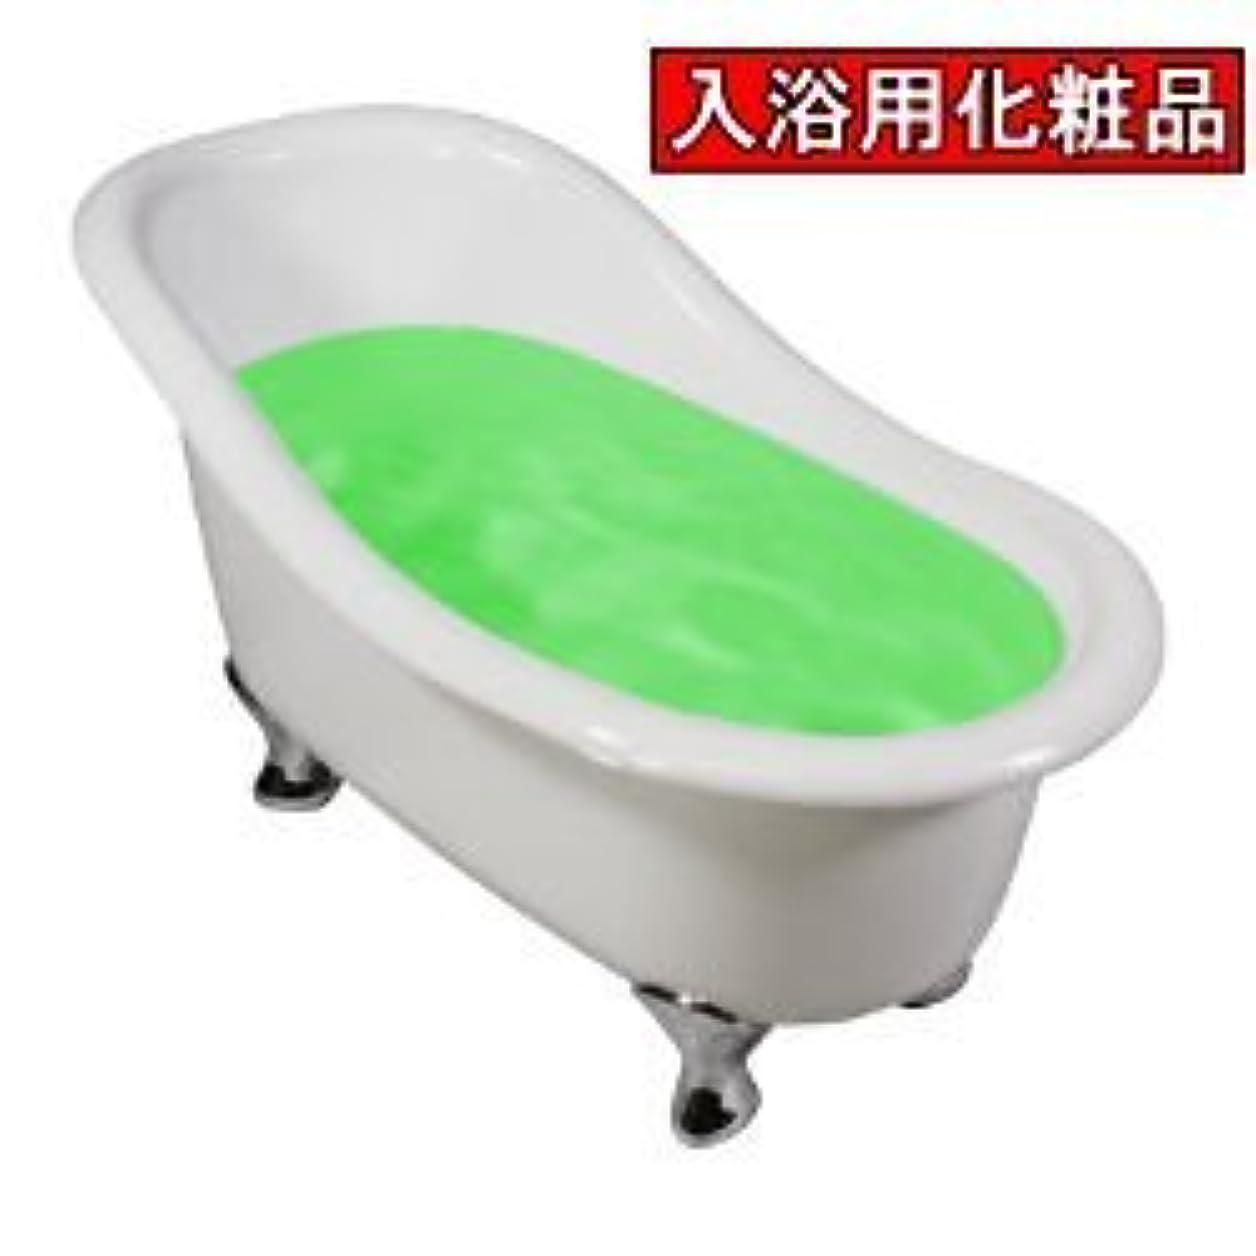 検体ホイスト伝説業務用入浴剤イヴタス ヒアルロン酸 17kg 業務用サイズ